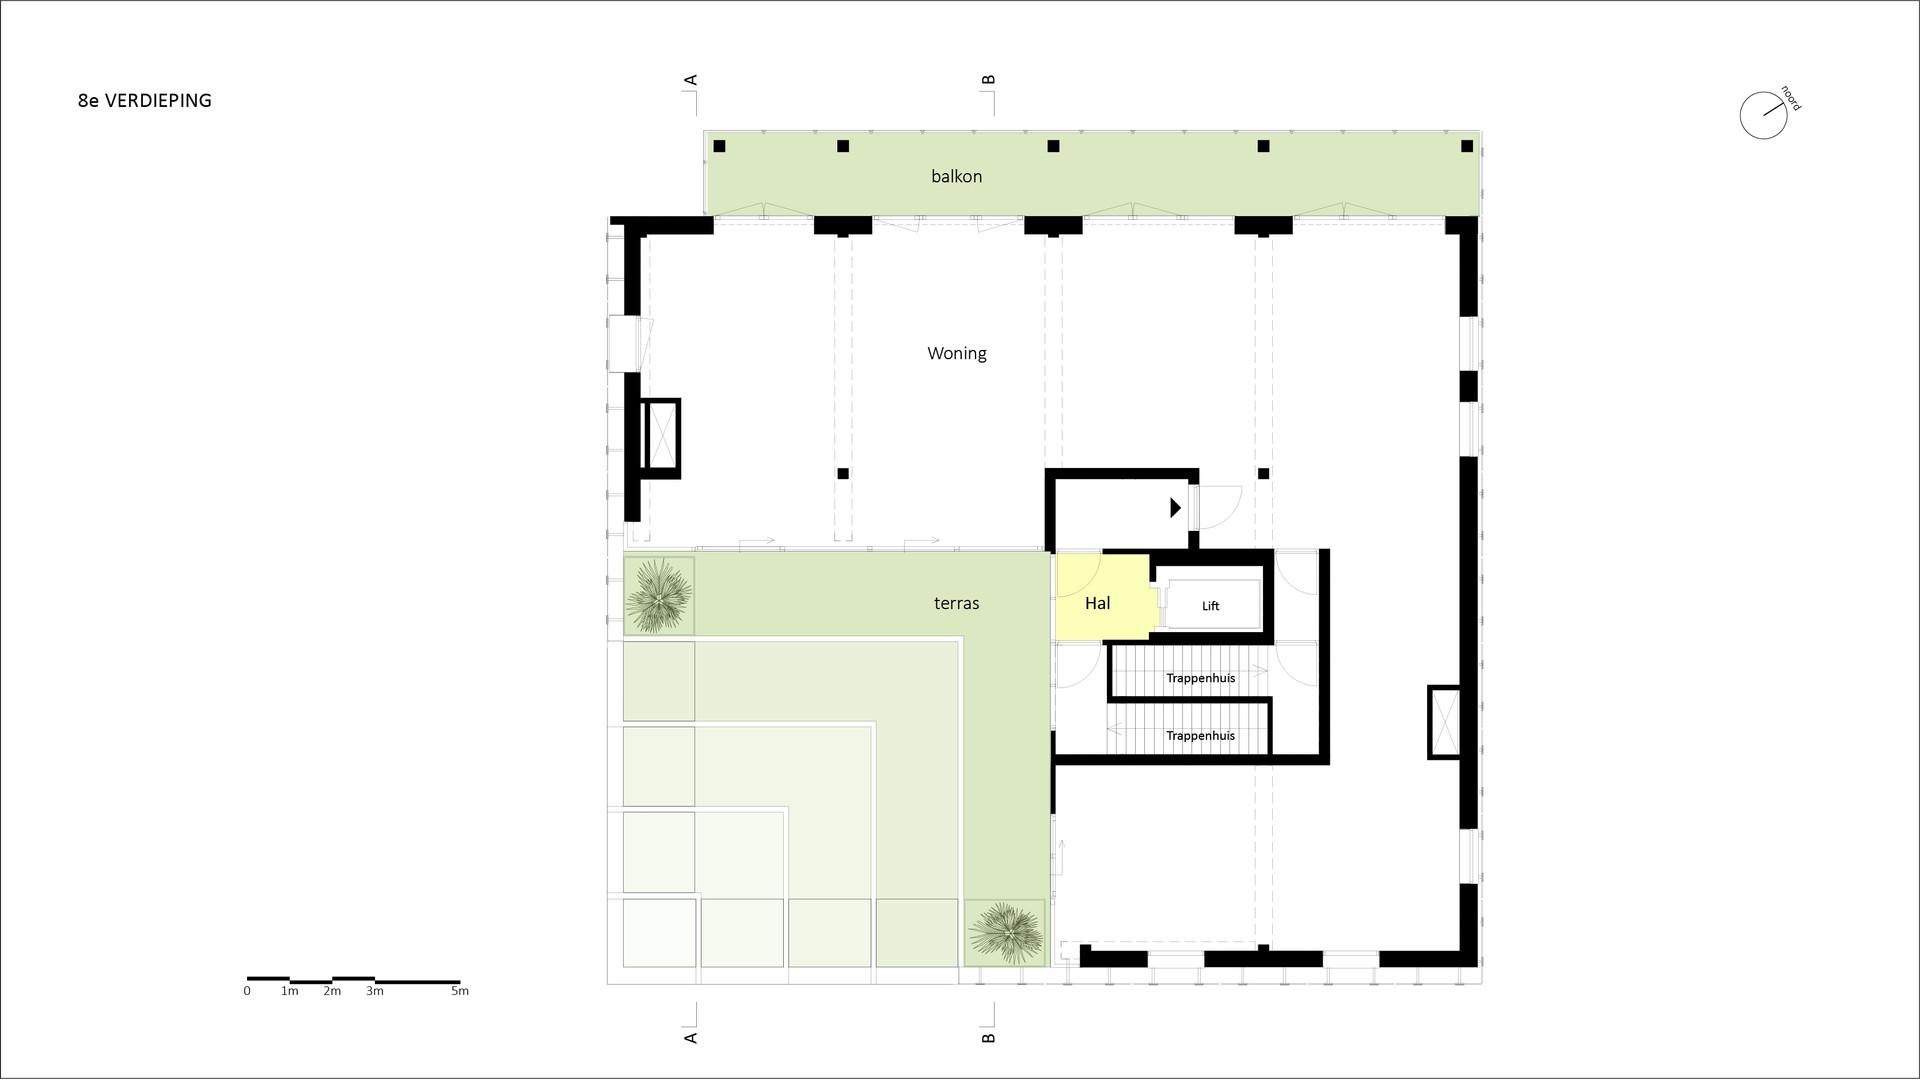 102_Go-BSH_floor plans_1600_900_V8-NL.jp